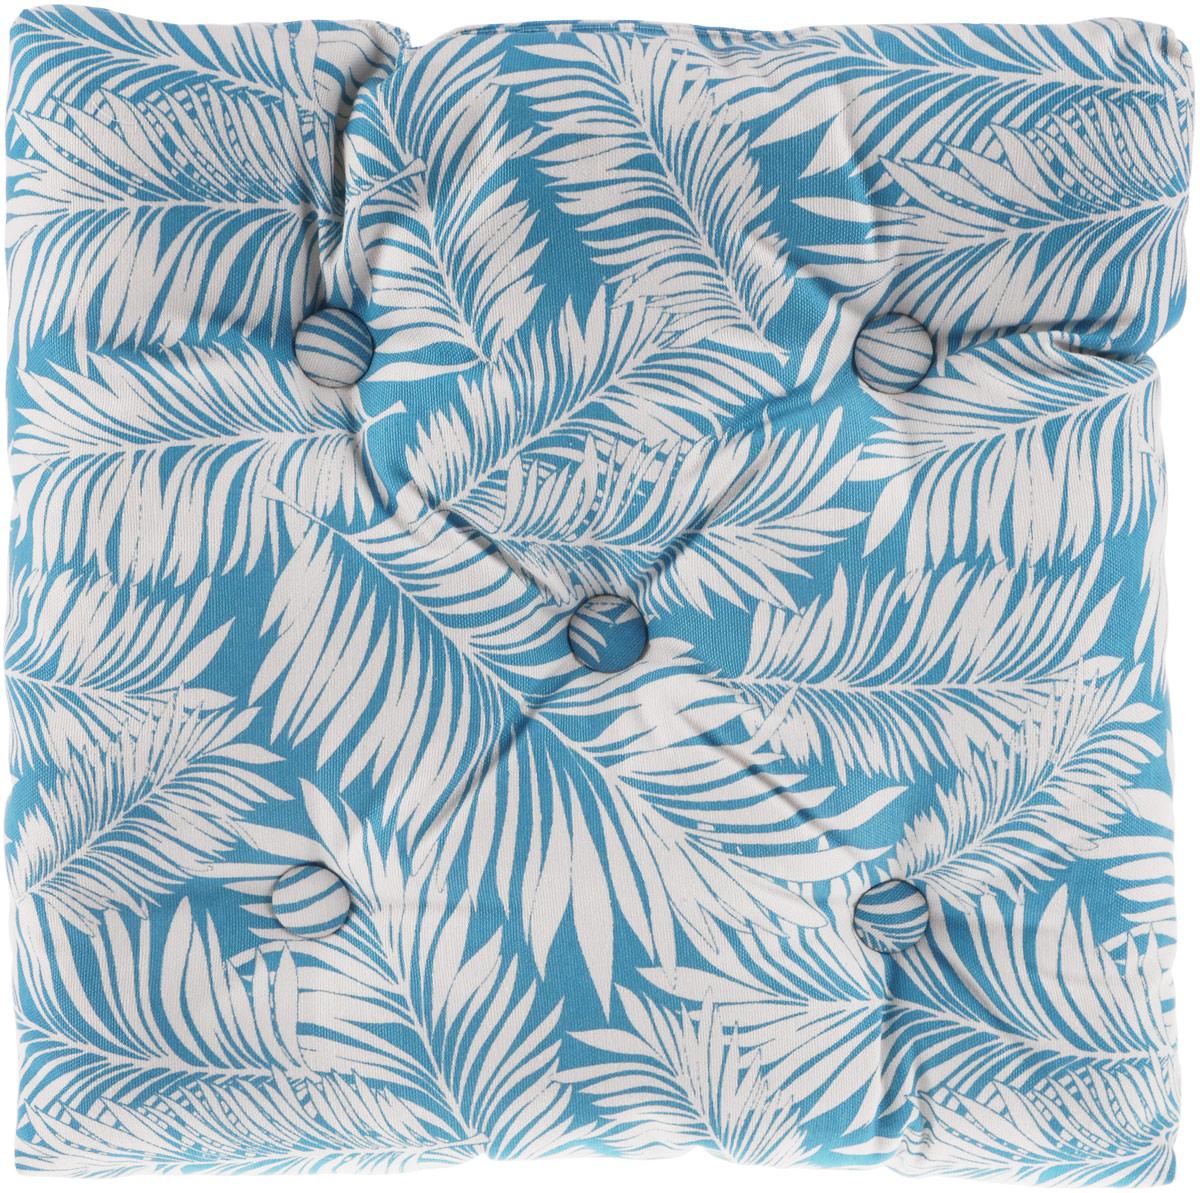 Подушка на стул KauffOrt Лазурный берег, цвет: голубой, белый, 40 x 40 см10.01.03.0072Подушка на стул KauffOrt Лазурный берег не только красиво дополнит интерьер кухни, но и обеспечит комфорт при сидении. Чехол выполнен из хлопка и полиэстера, а наполнитель из холлофайбера. Подушка легко крепится на стул с помощью завязок. Правильно сидеть - значит сохранить здоровье на долгие годы. Жесткие сидения подвергают наше здоровье опасности. Подушка с мягким наполнителем поможет предотвратить большинство нежелательных последствий сидячего образа жизни.Толщина подушки: 10 см.